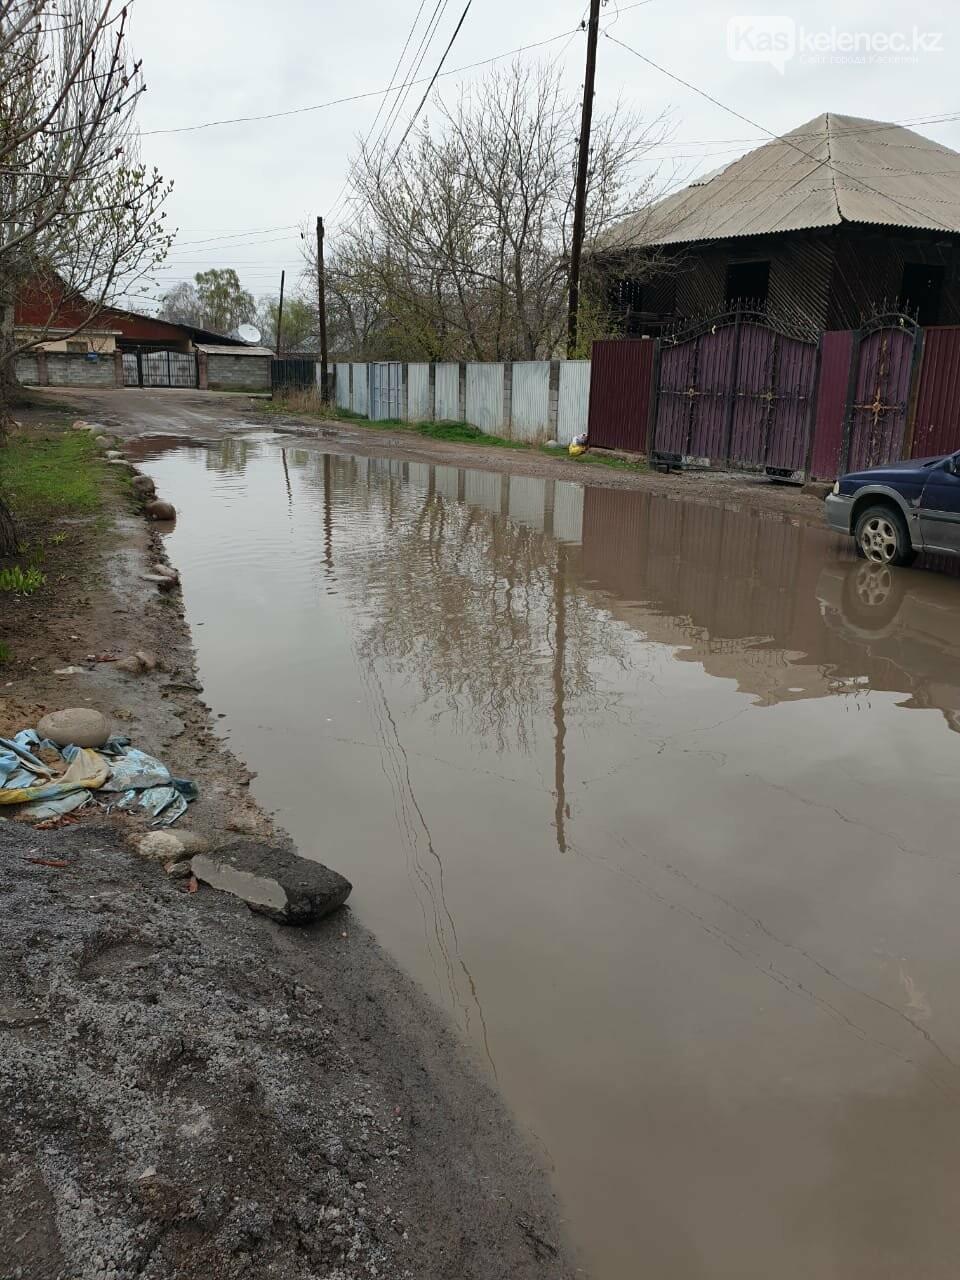 Байжарасовское озеро: после дождей на улицах Каскелена появляются новые водоемы, фото-4